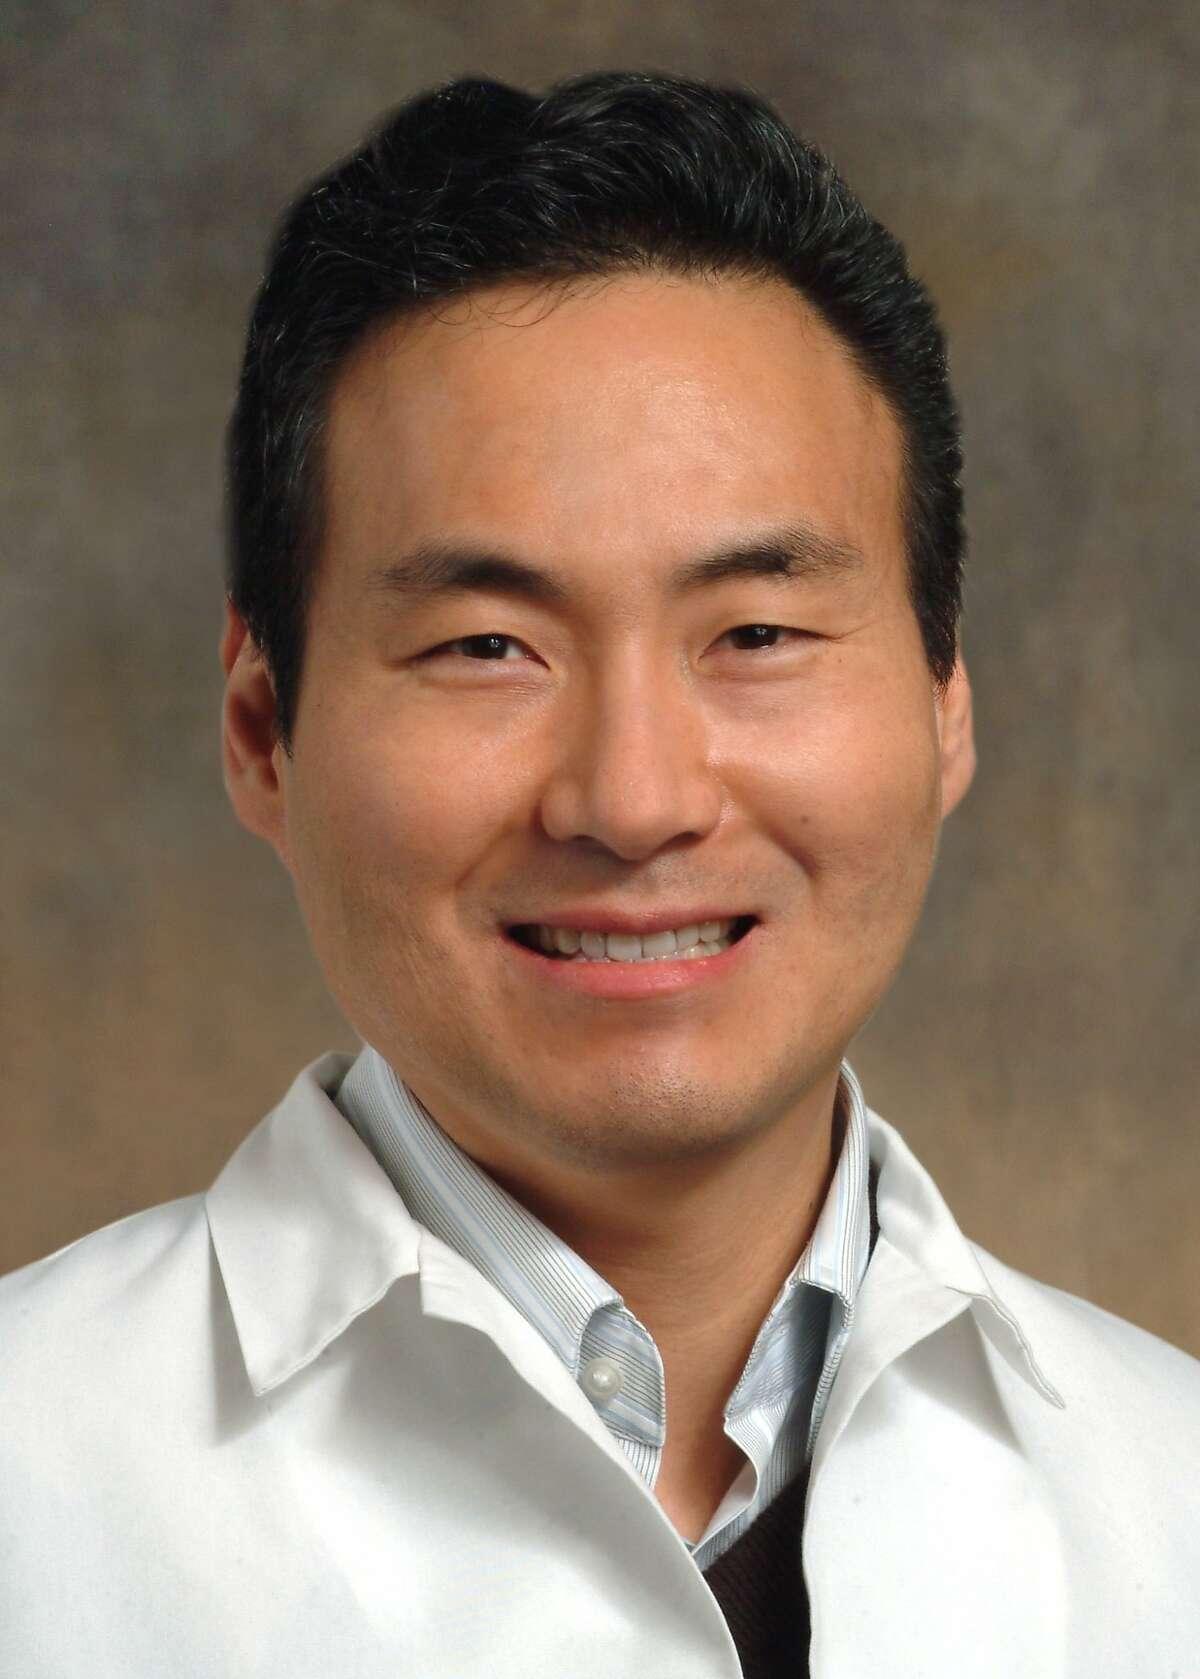 Dr. Daniel Hwang